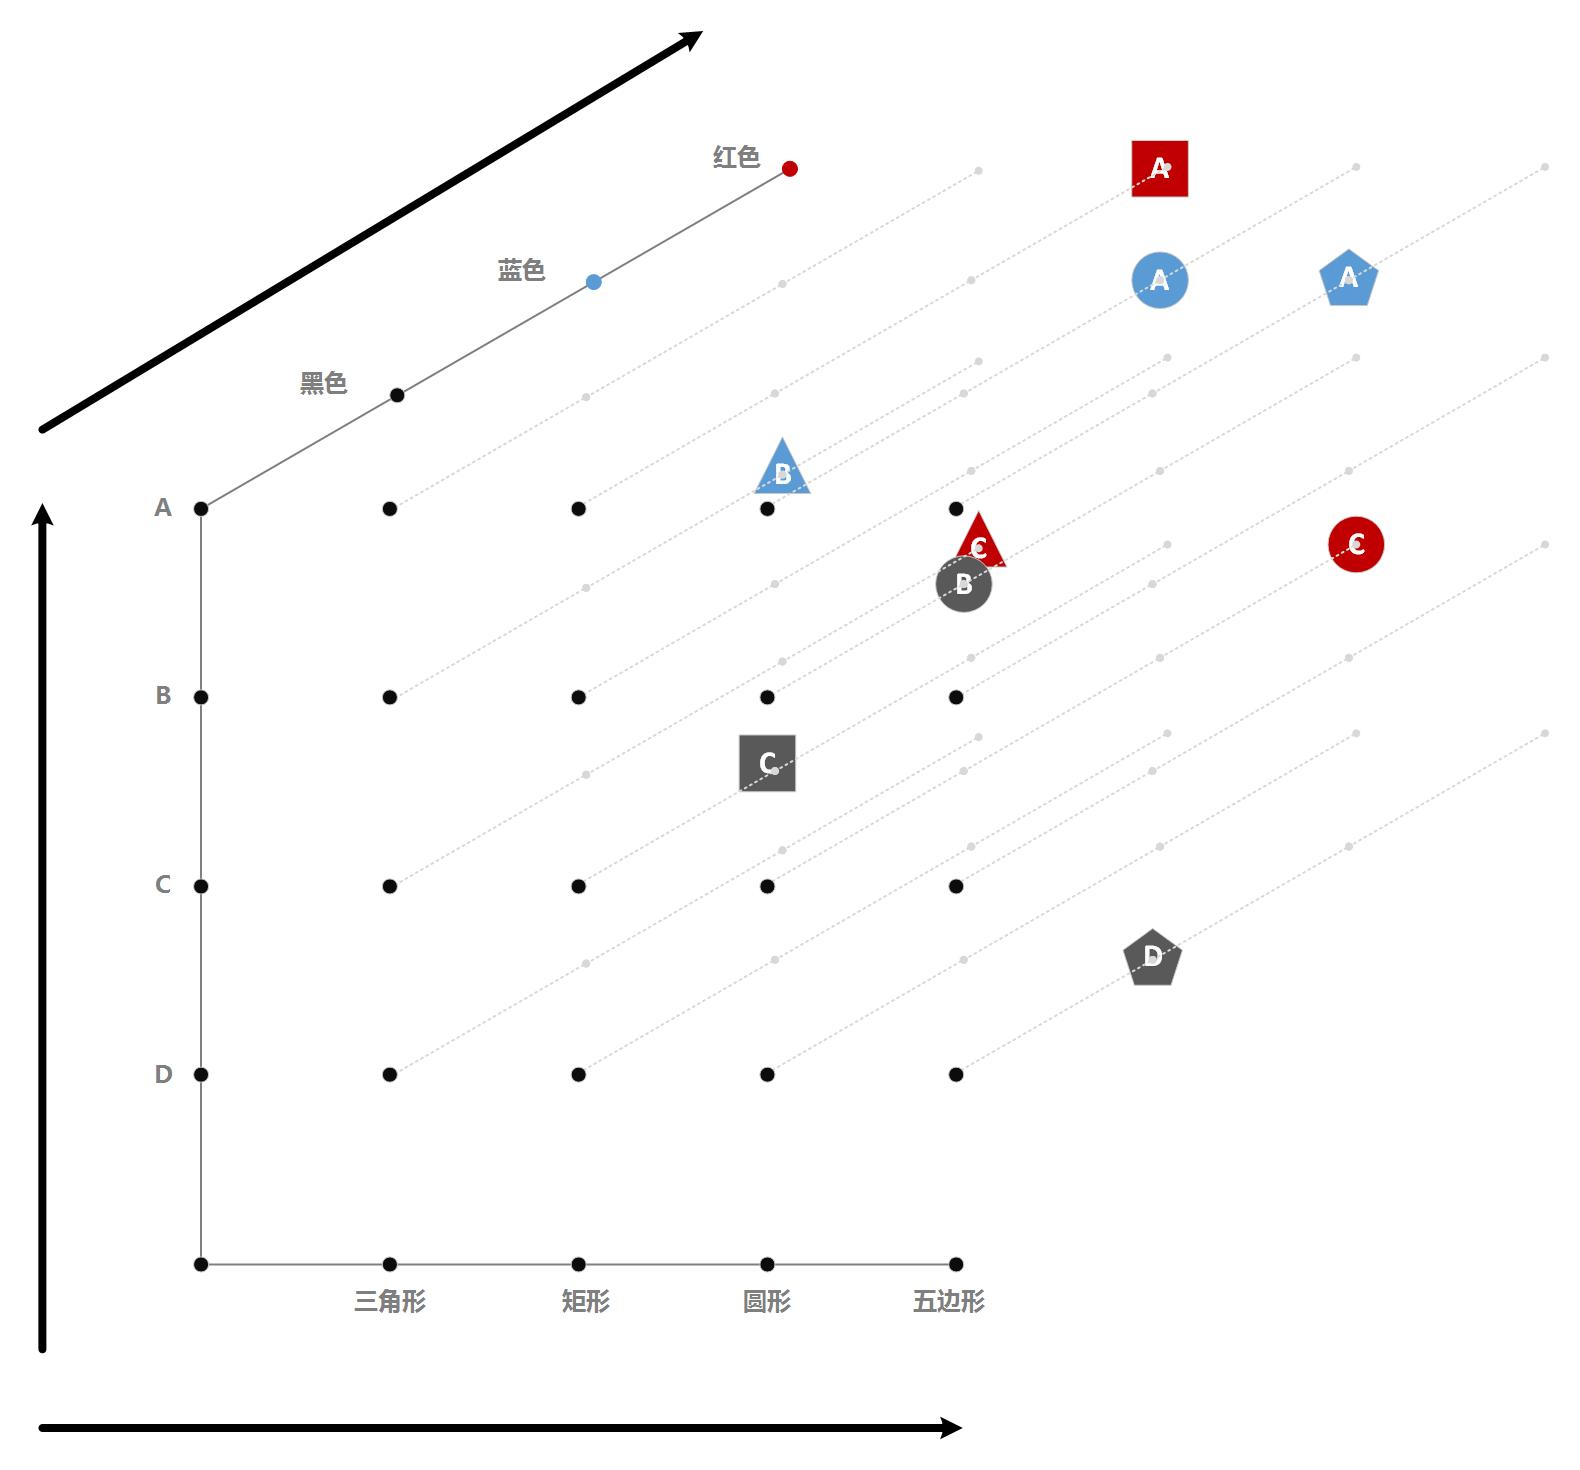 使用三位坐标系输出思维分析结果